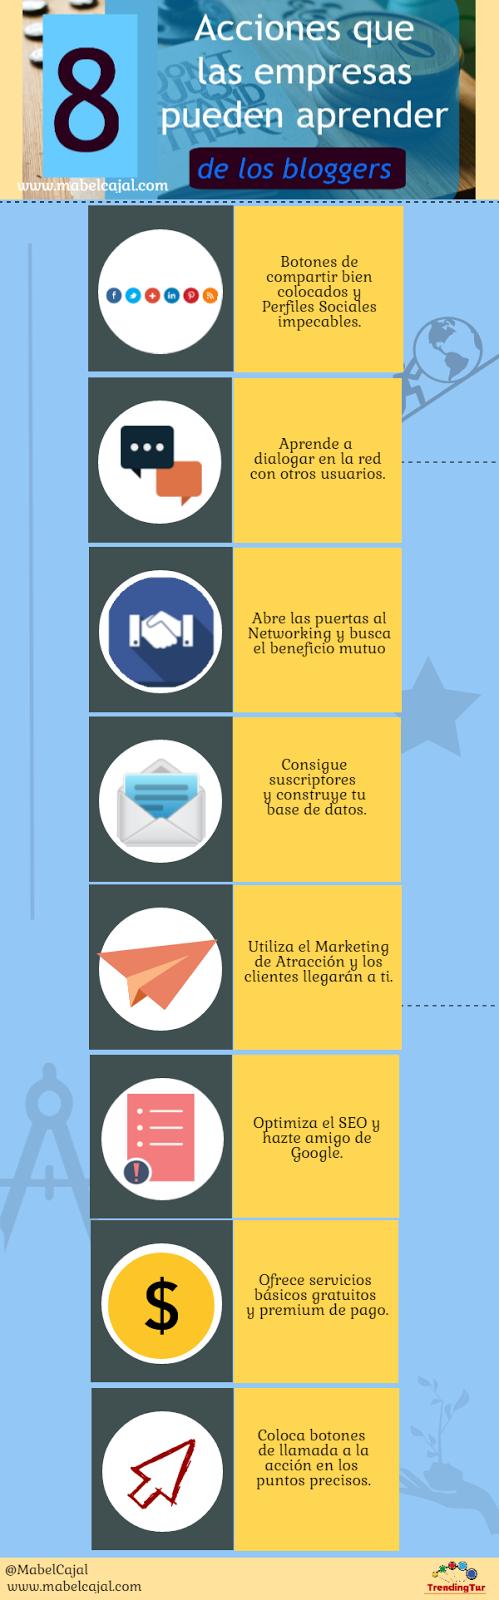 8 Acciones que las empresas pueden aprender de los bloggers